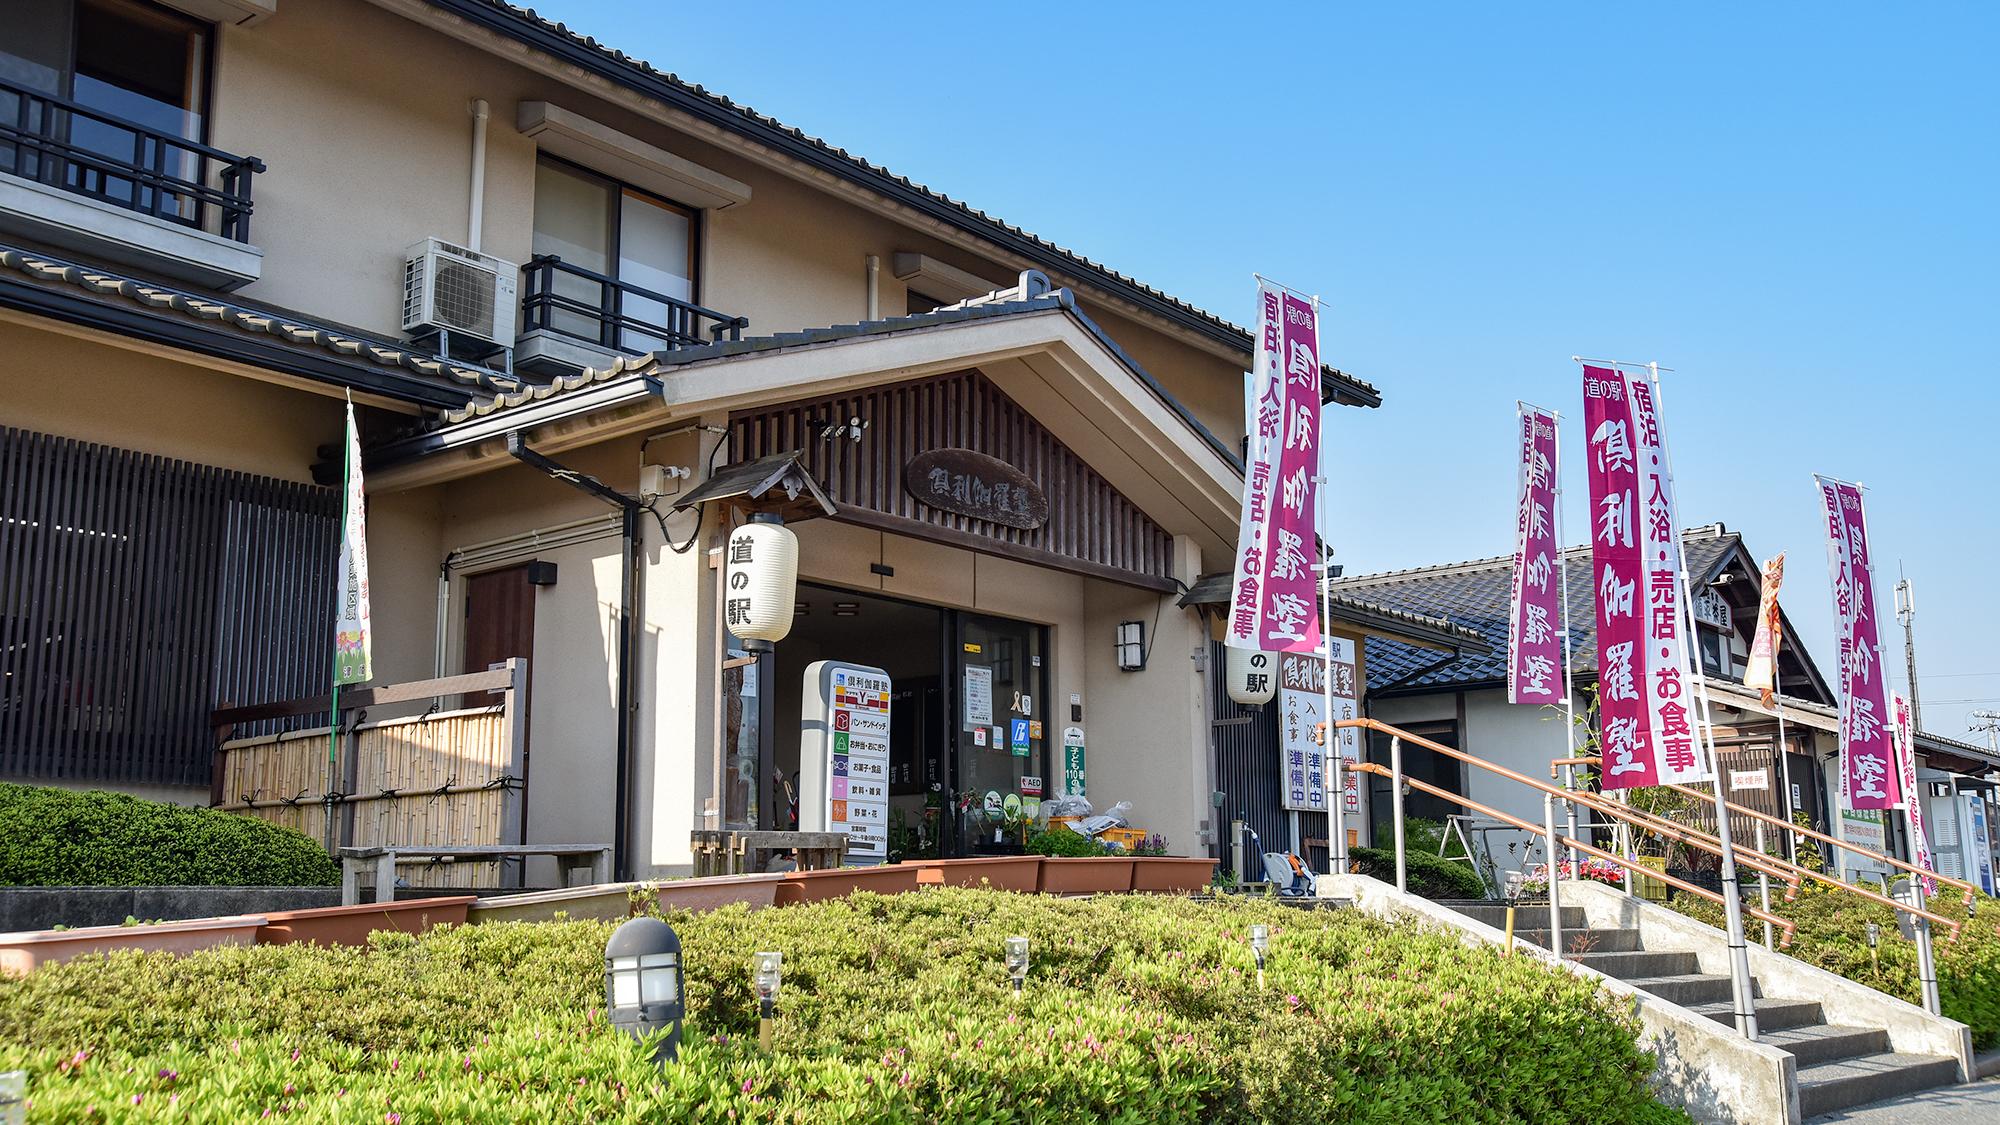 子供達を連れて石川県森林公園へ行きます。帰りに周辺で日帰り温泉に入りたい。おすすめを教えて下さい。